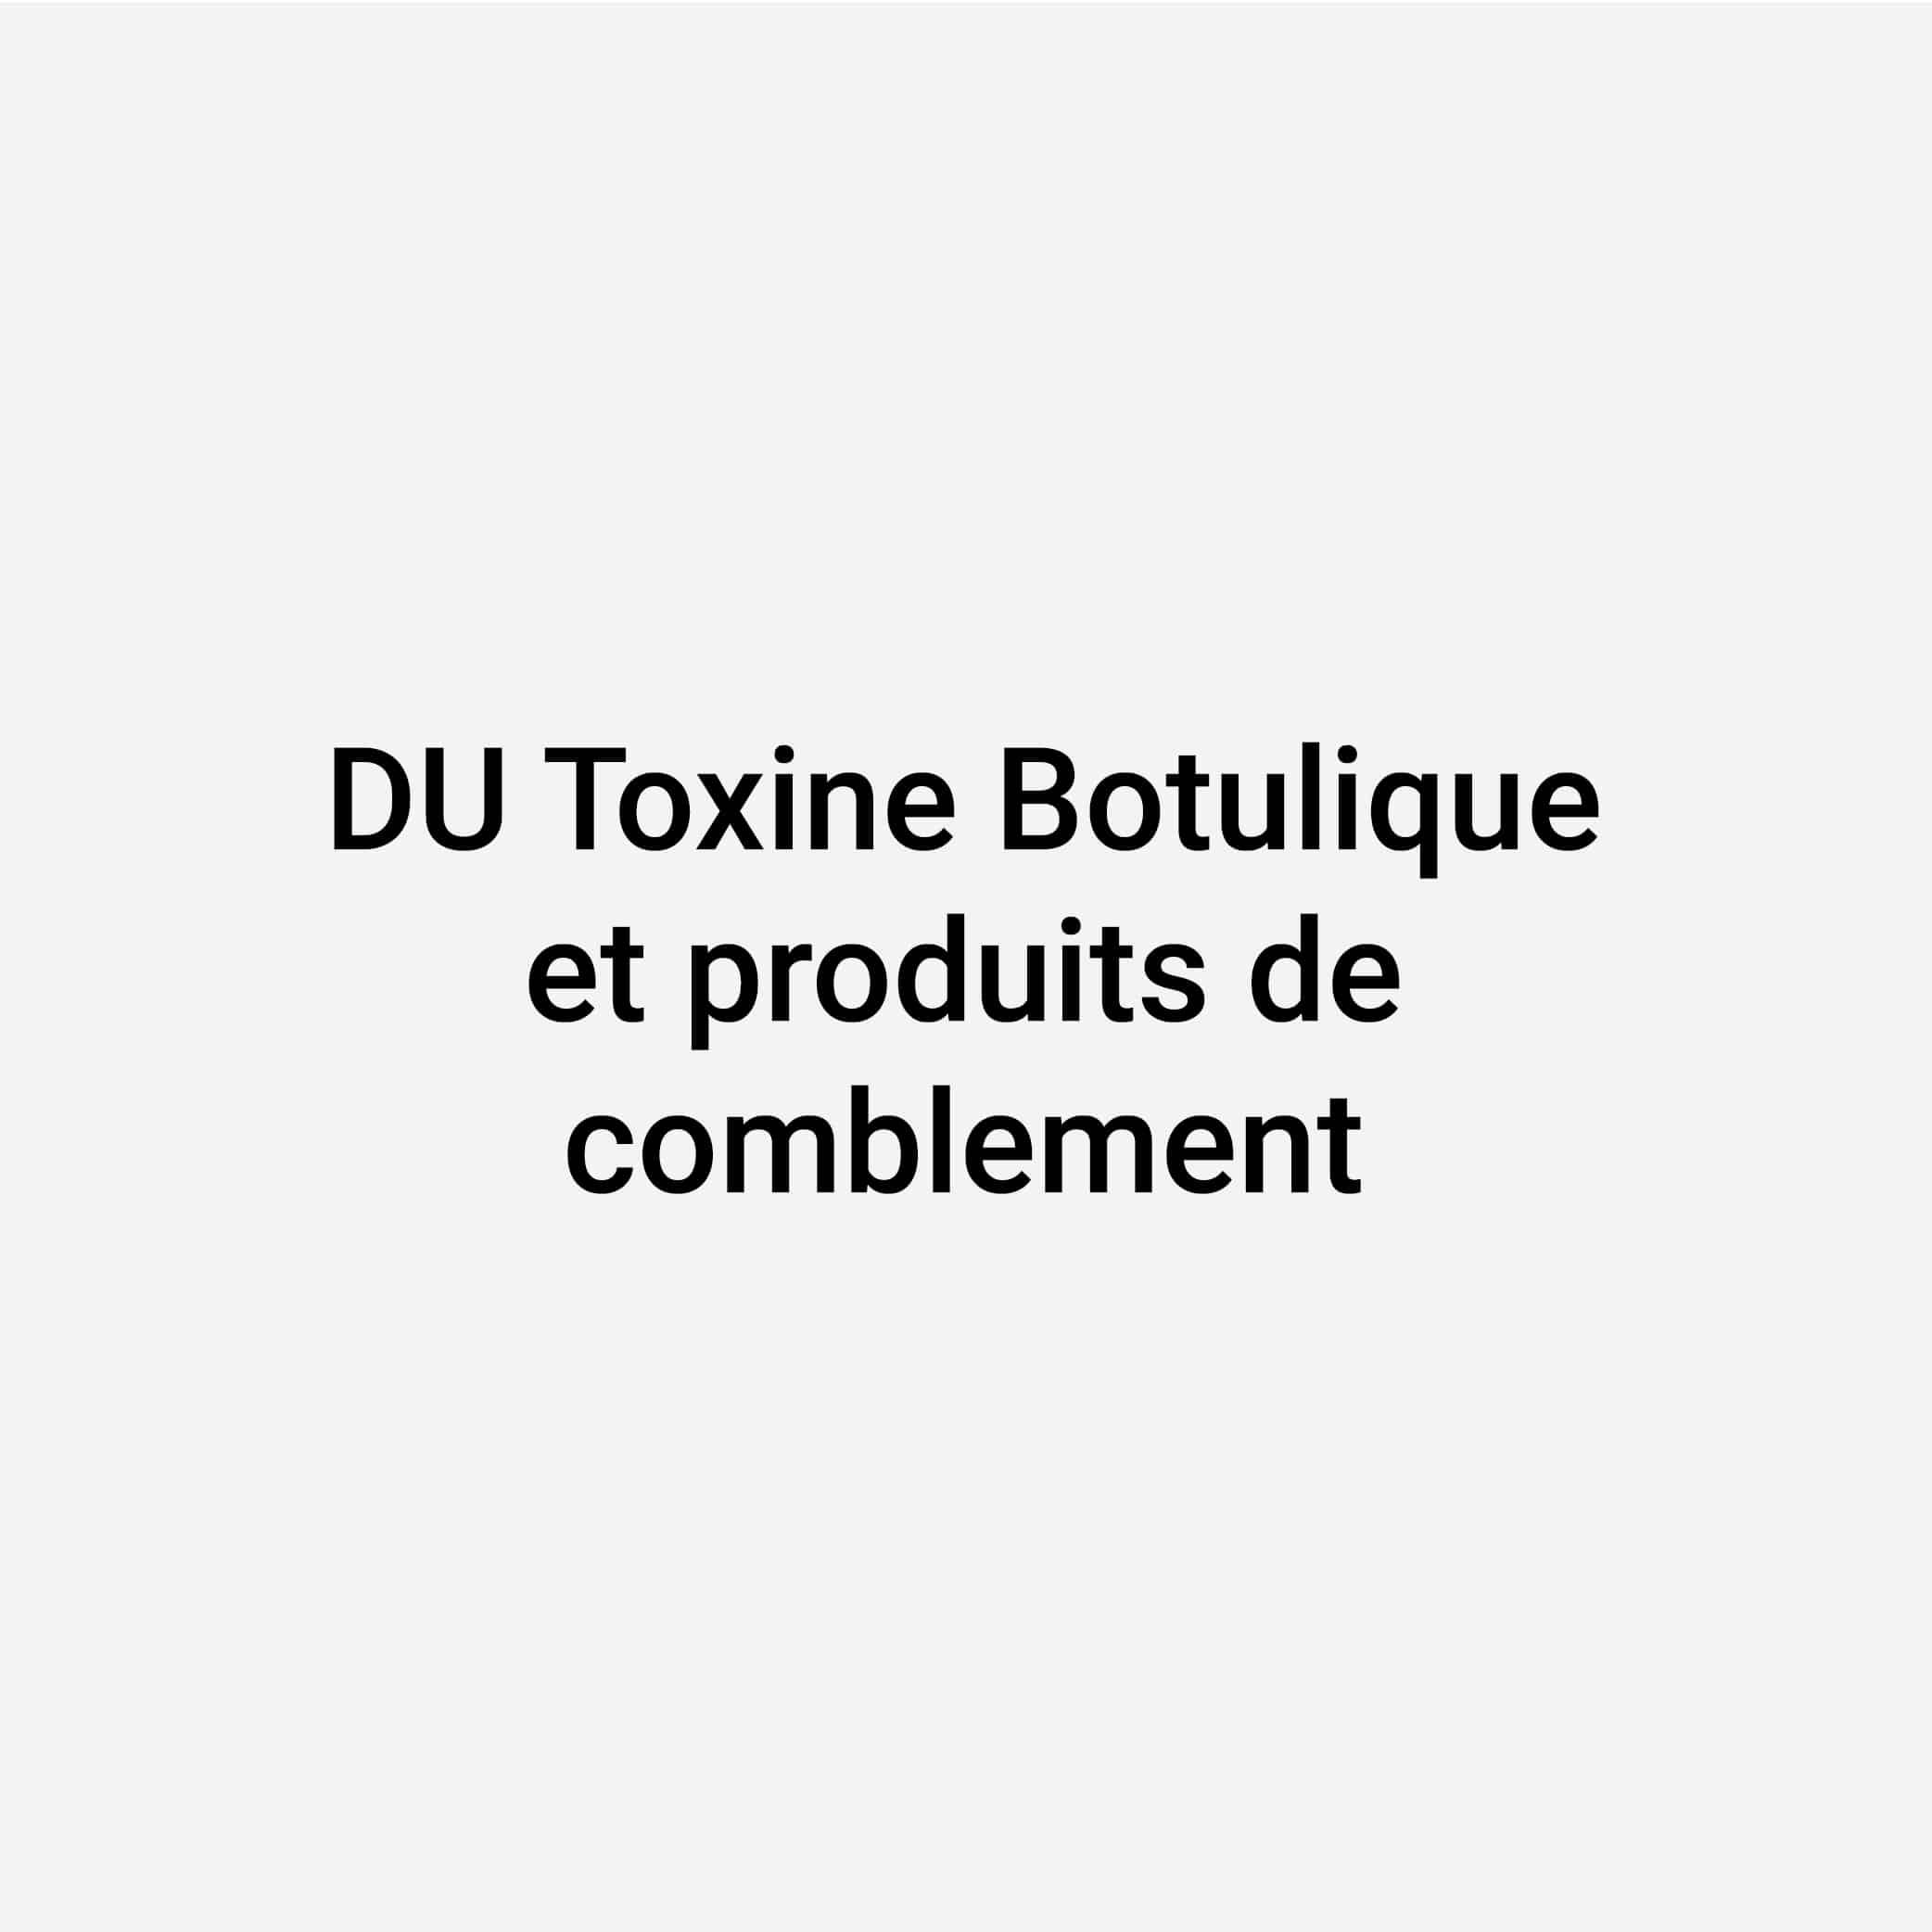 DU Toxine Botulique et produits de comblement